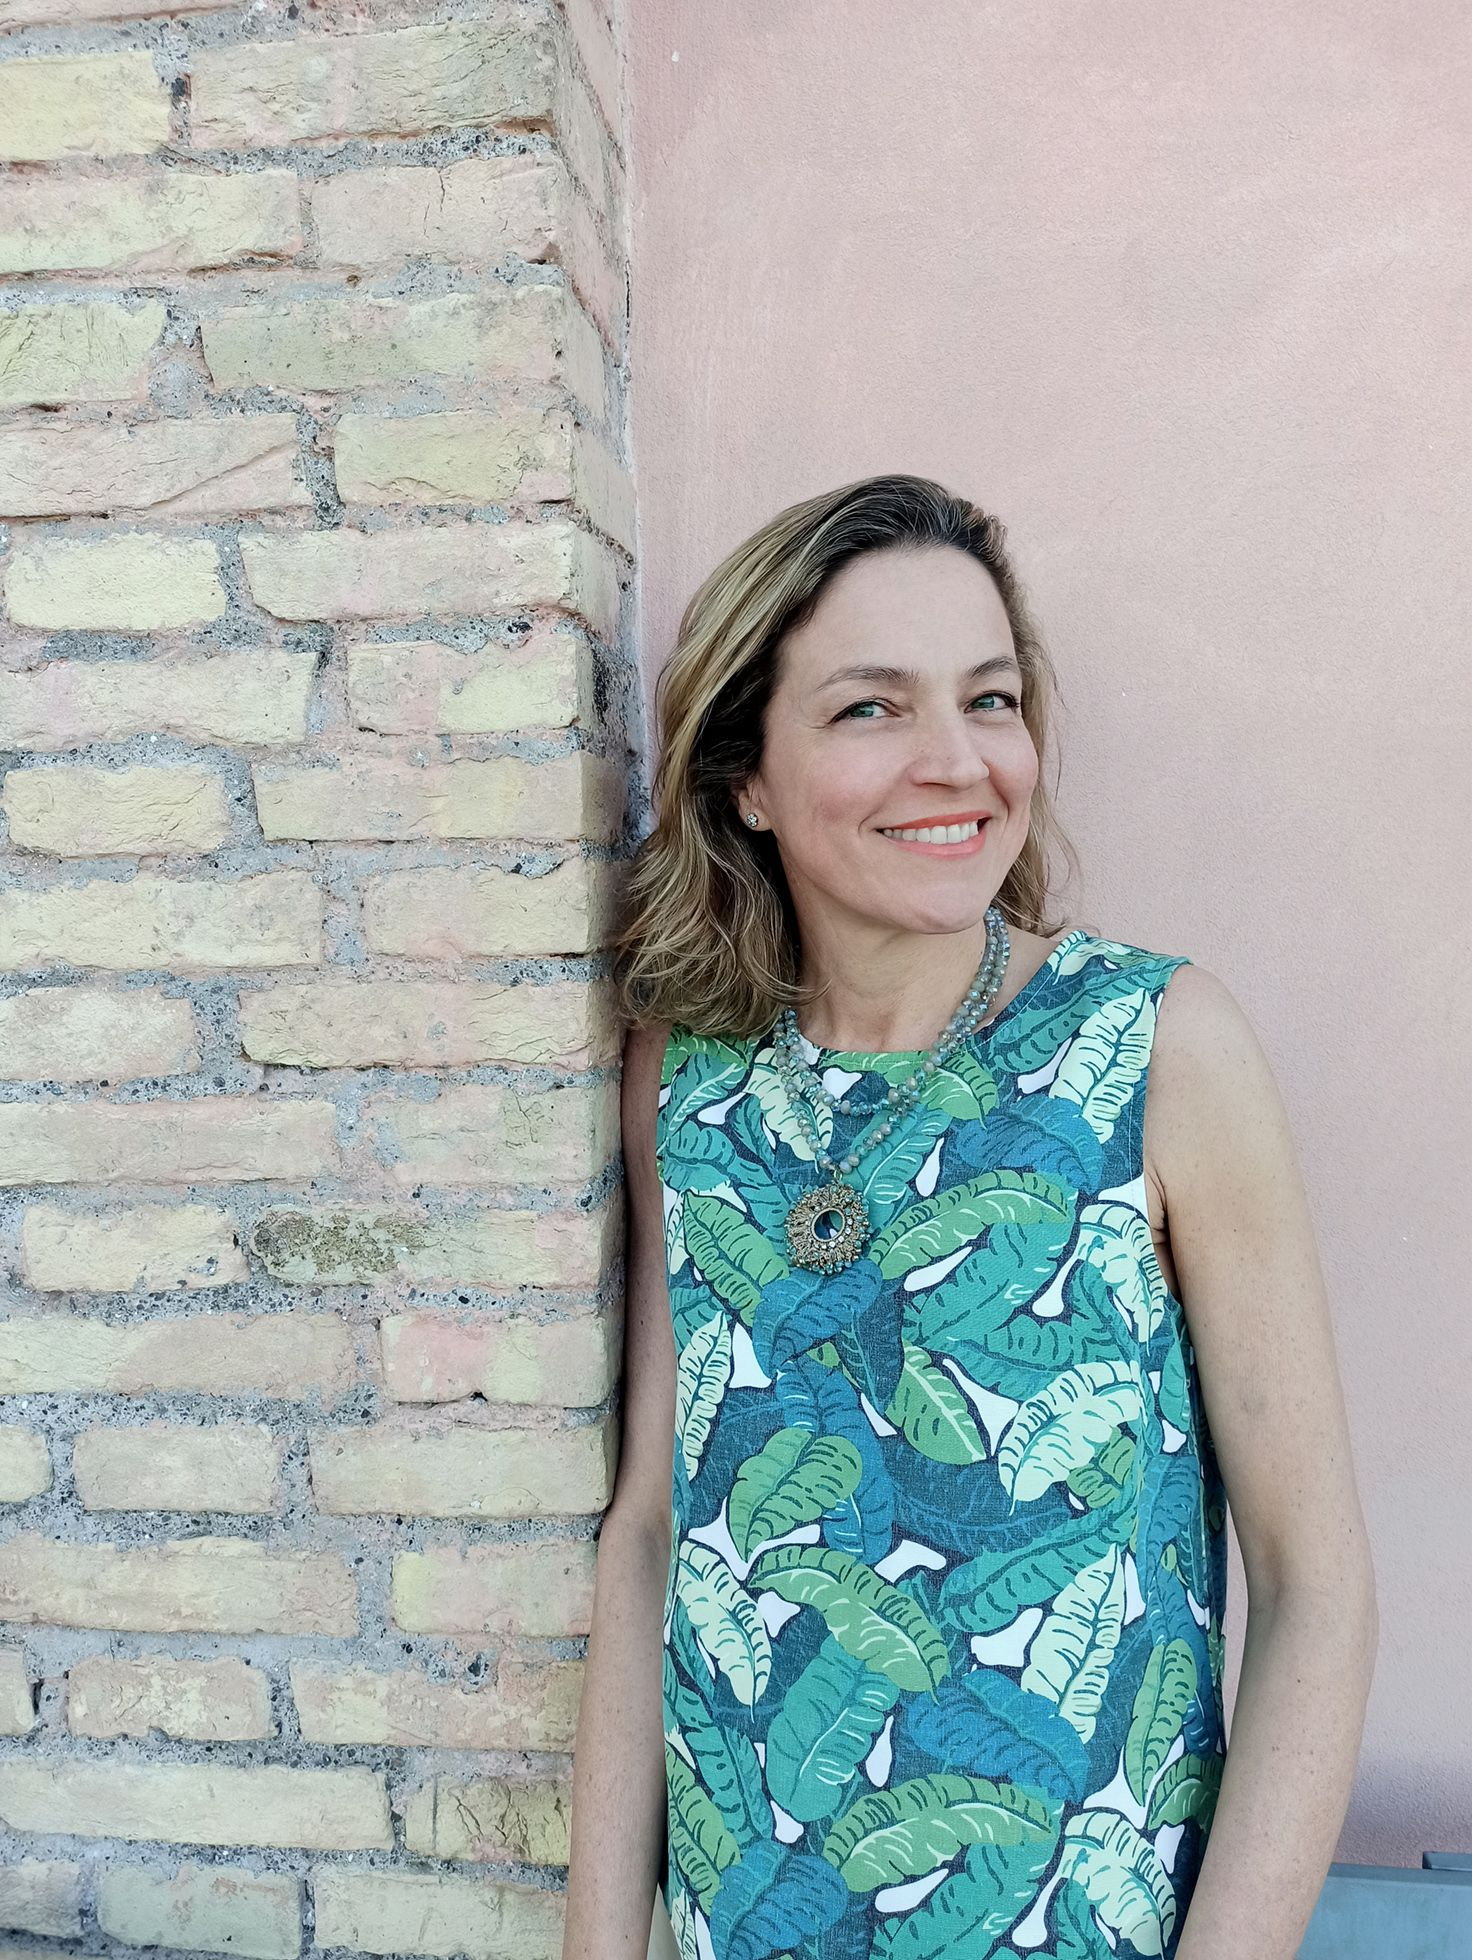 Intervista a Federica Cecchi winedesigner